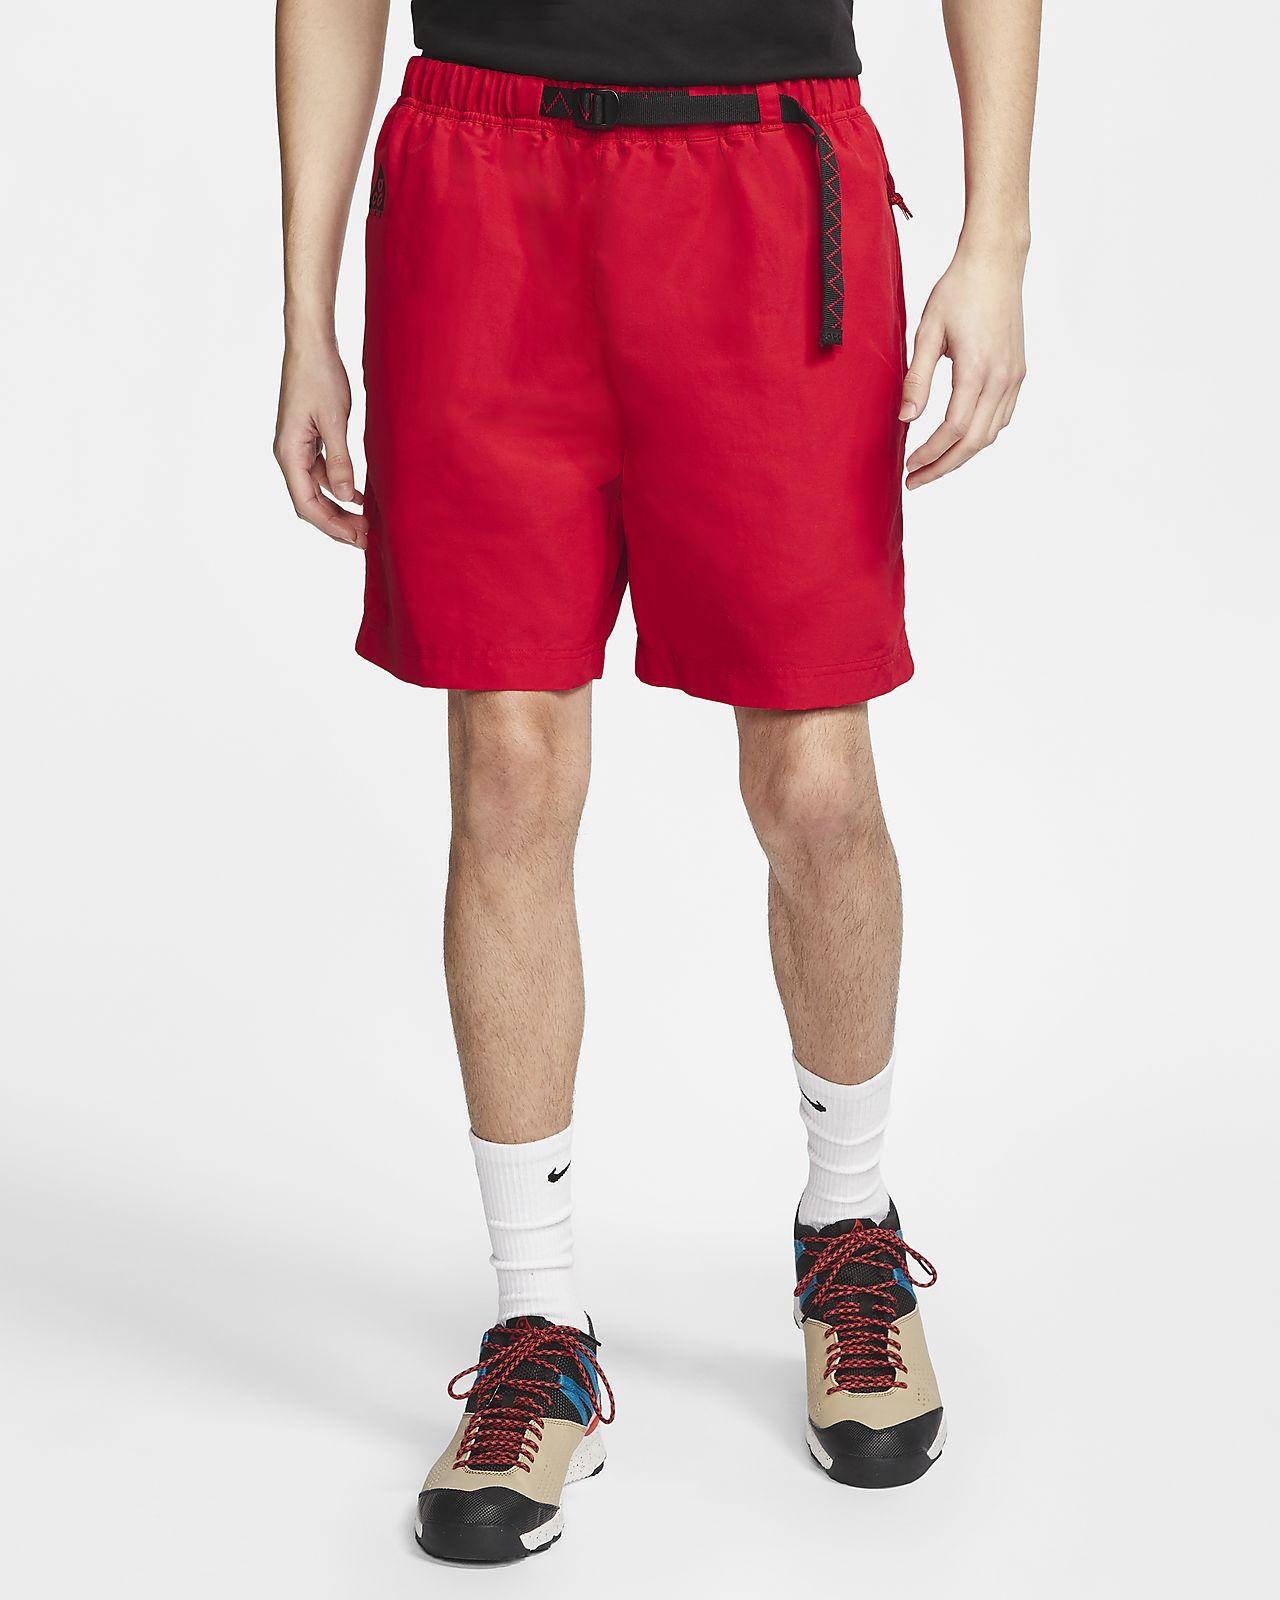 Nike ACG Herren-Webshorts